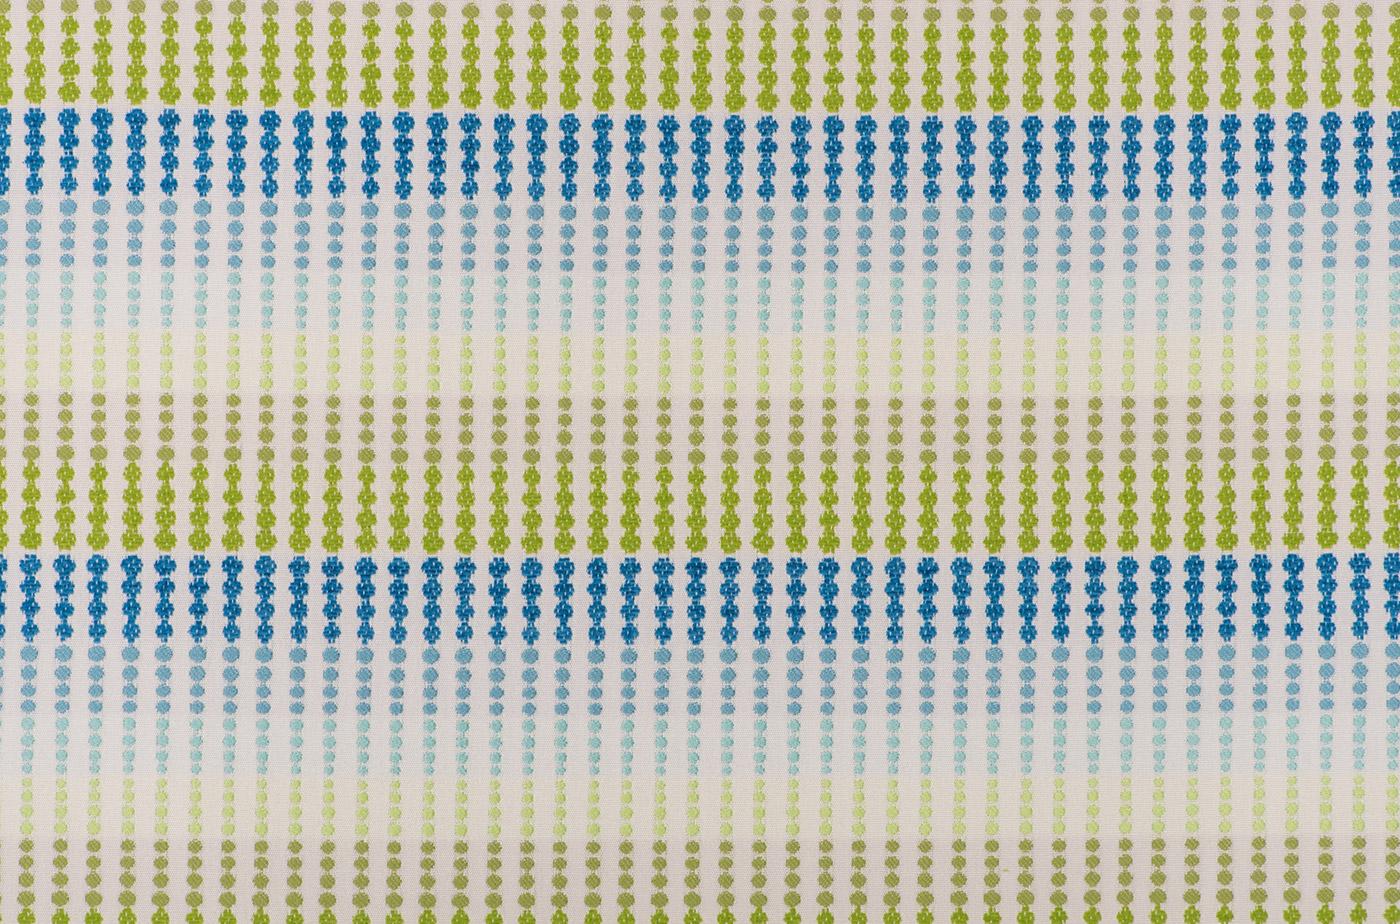 Confetti Craze Blue Green 10006 01